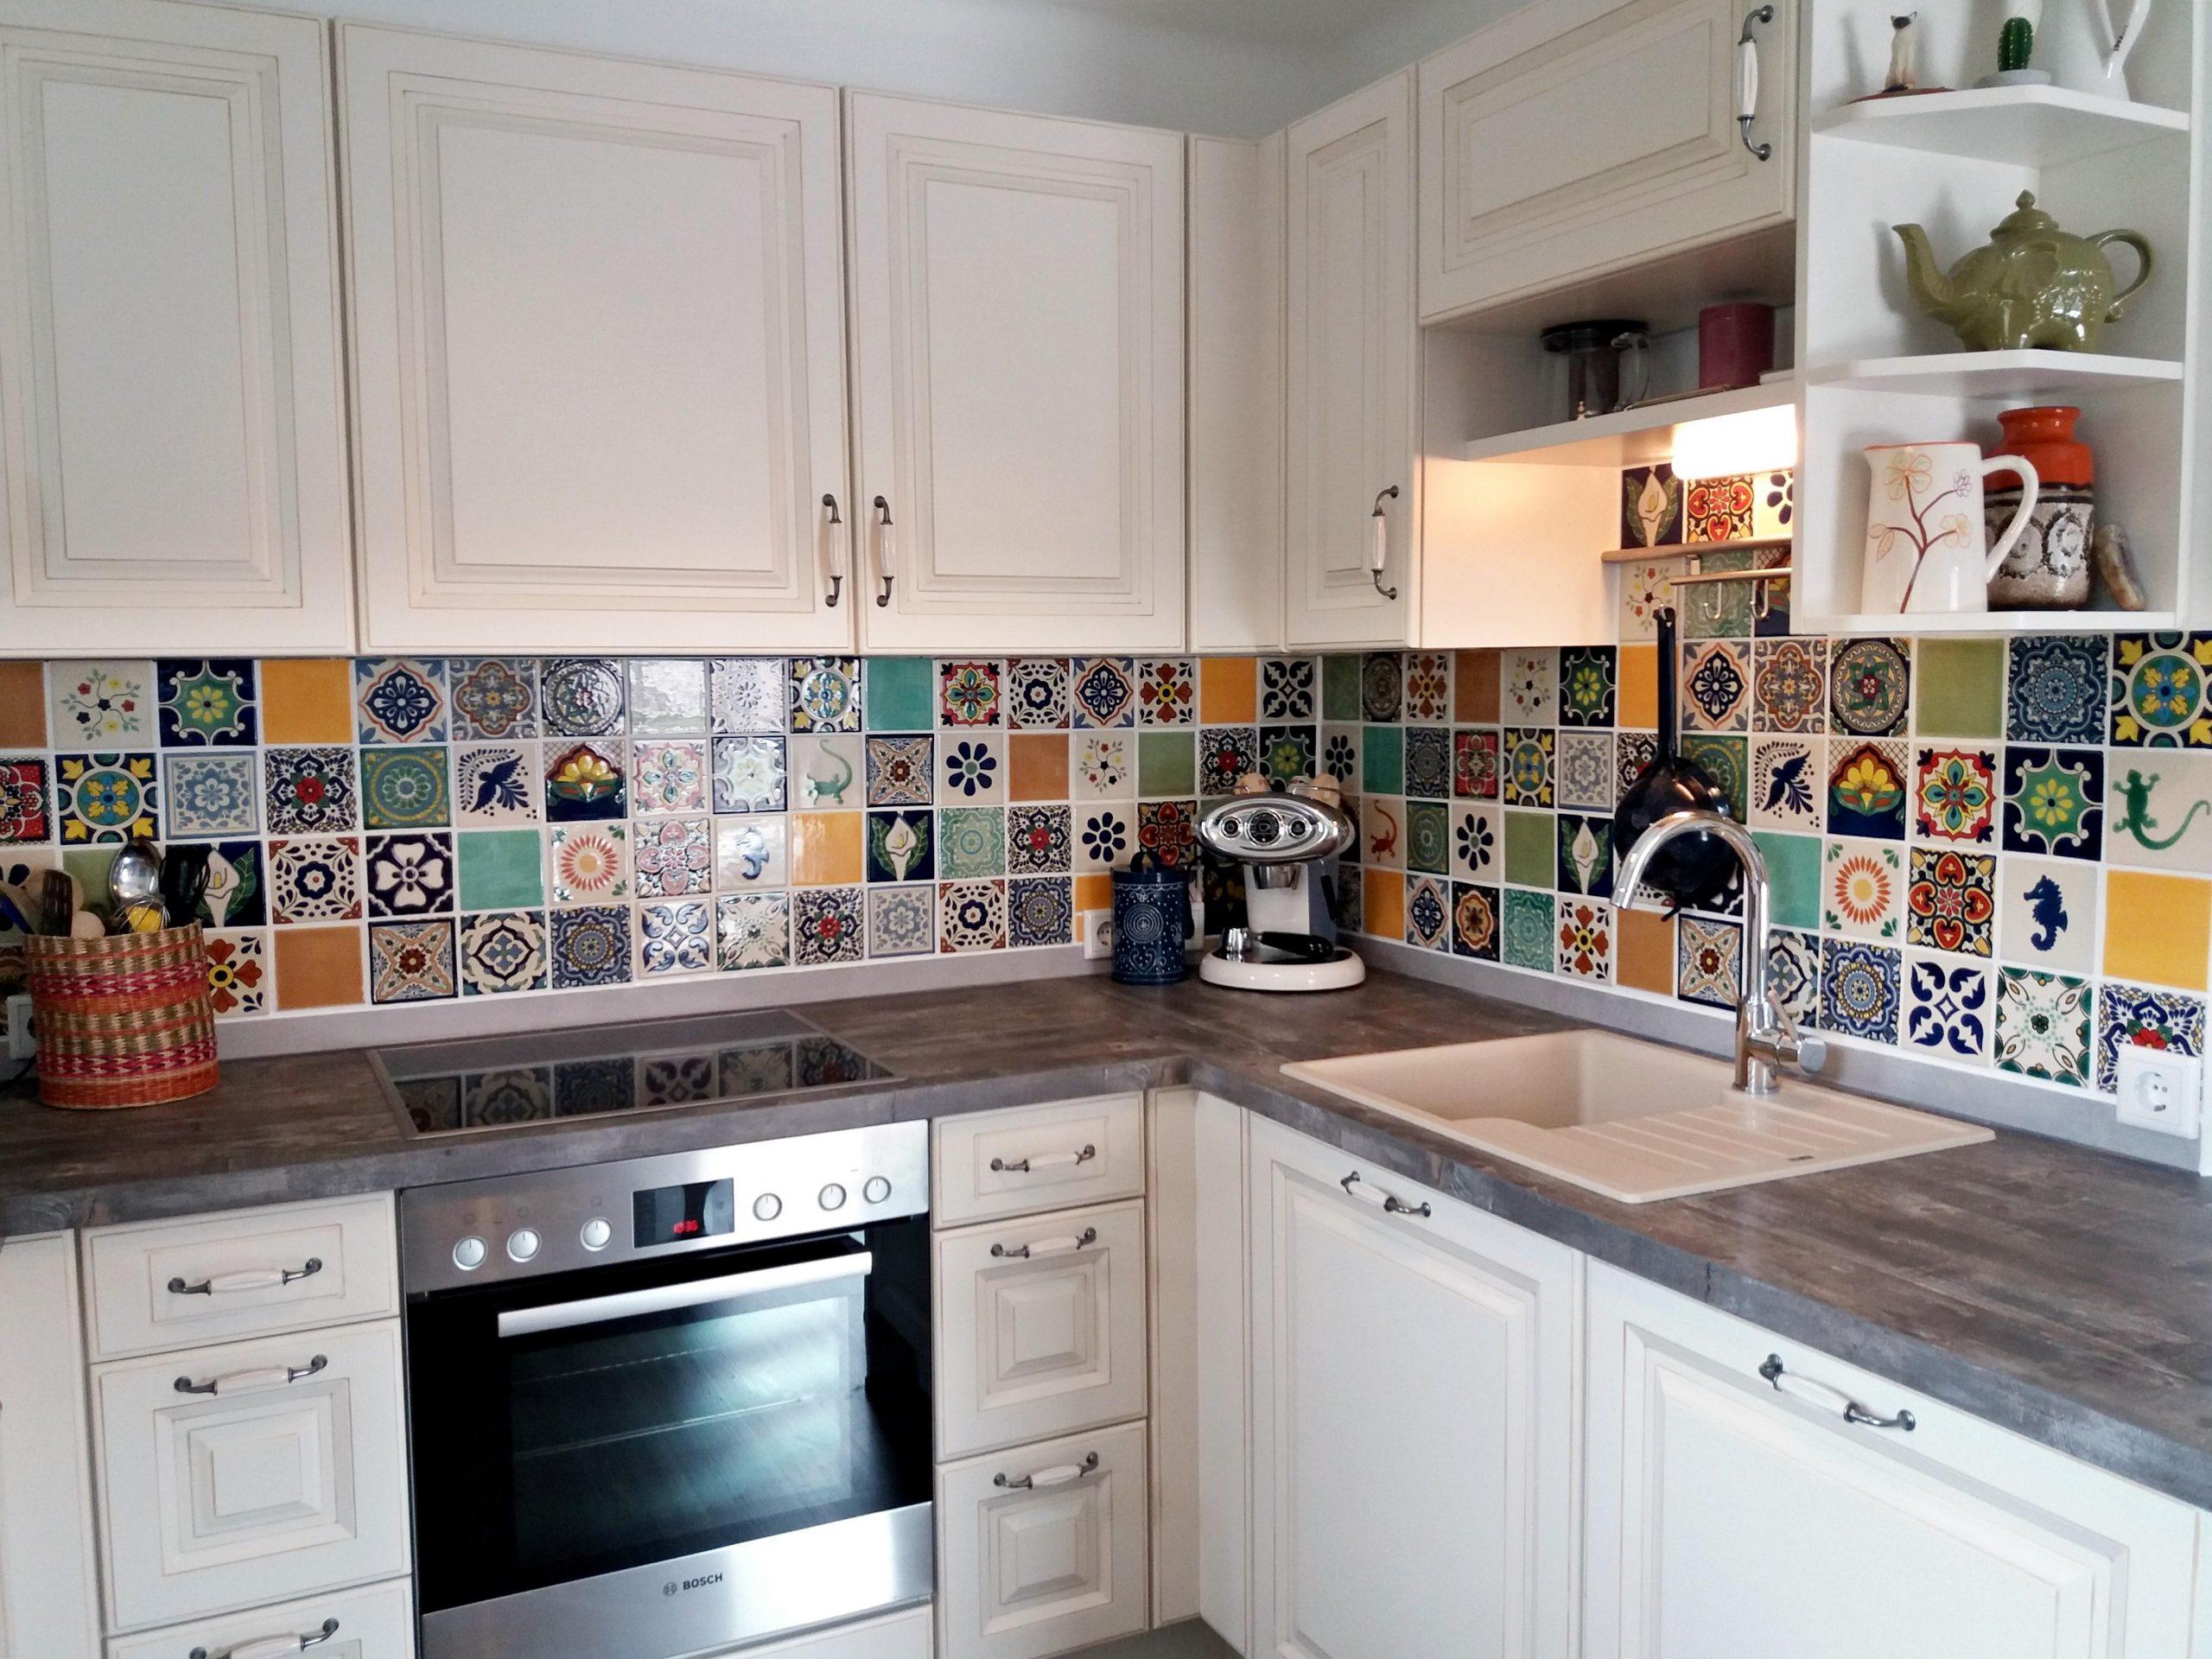 Full Size of Fliesen Für Die Küche Wandfliesen Fliesen Fliesenspiegel Küche Fliesen Pvc Küche Terracotta Fliesen Küche Küche Fliesen Für Küche